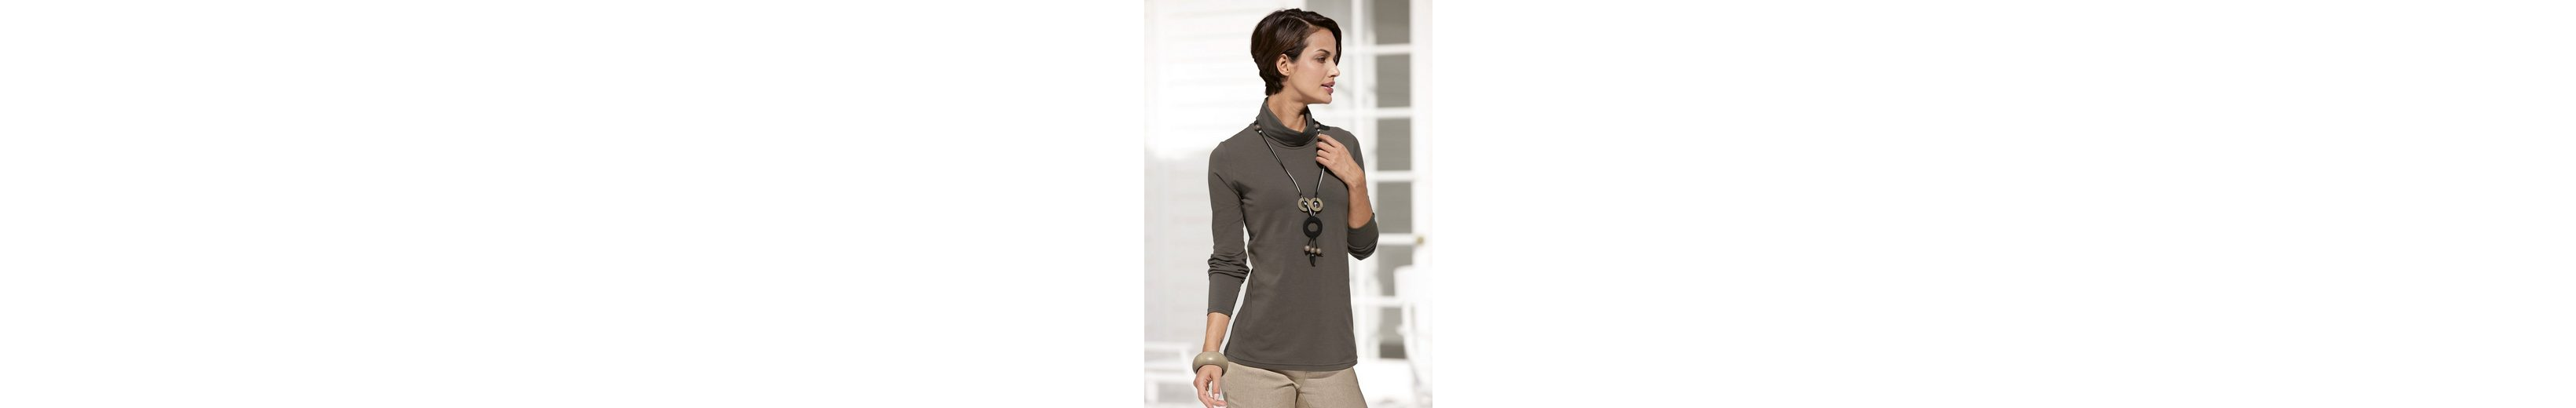 Collection L. Shirt in PURE WEAR-Qualität Genießen Outlet Bequem Billig Viele Arten Von KI5CNV1